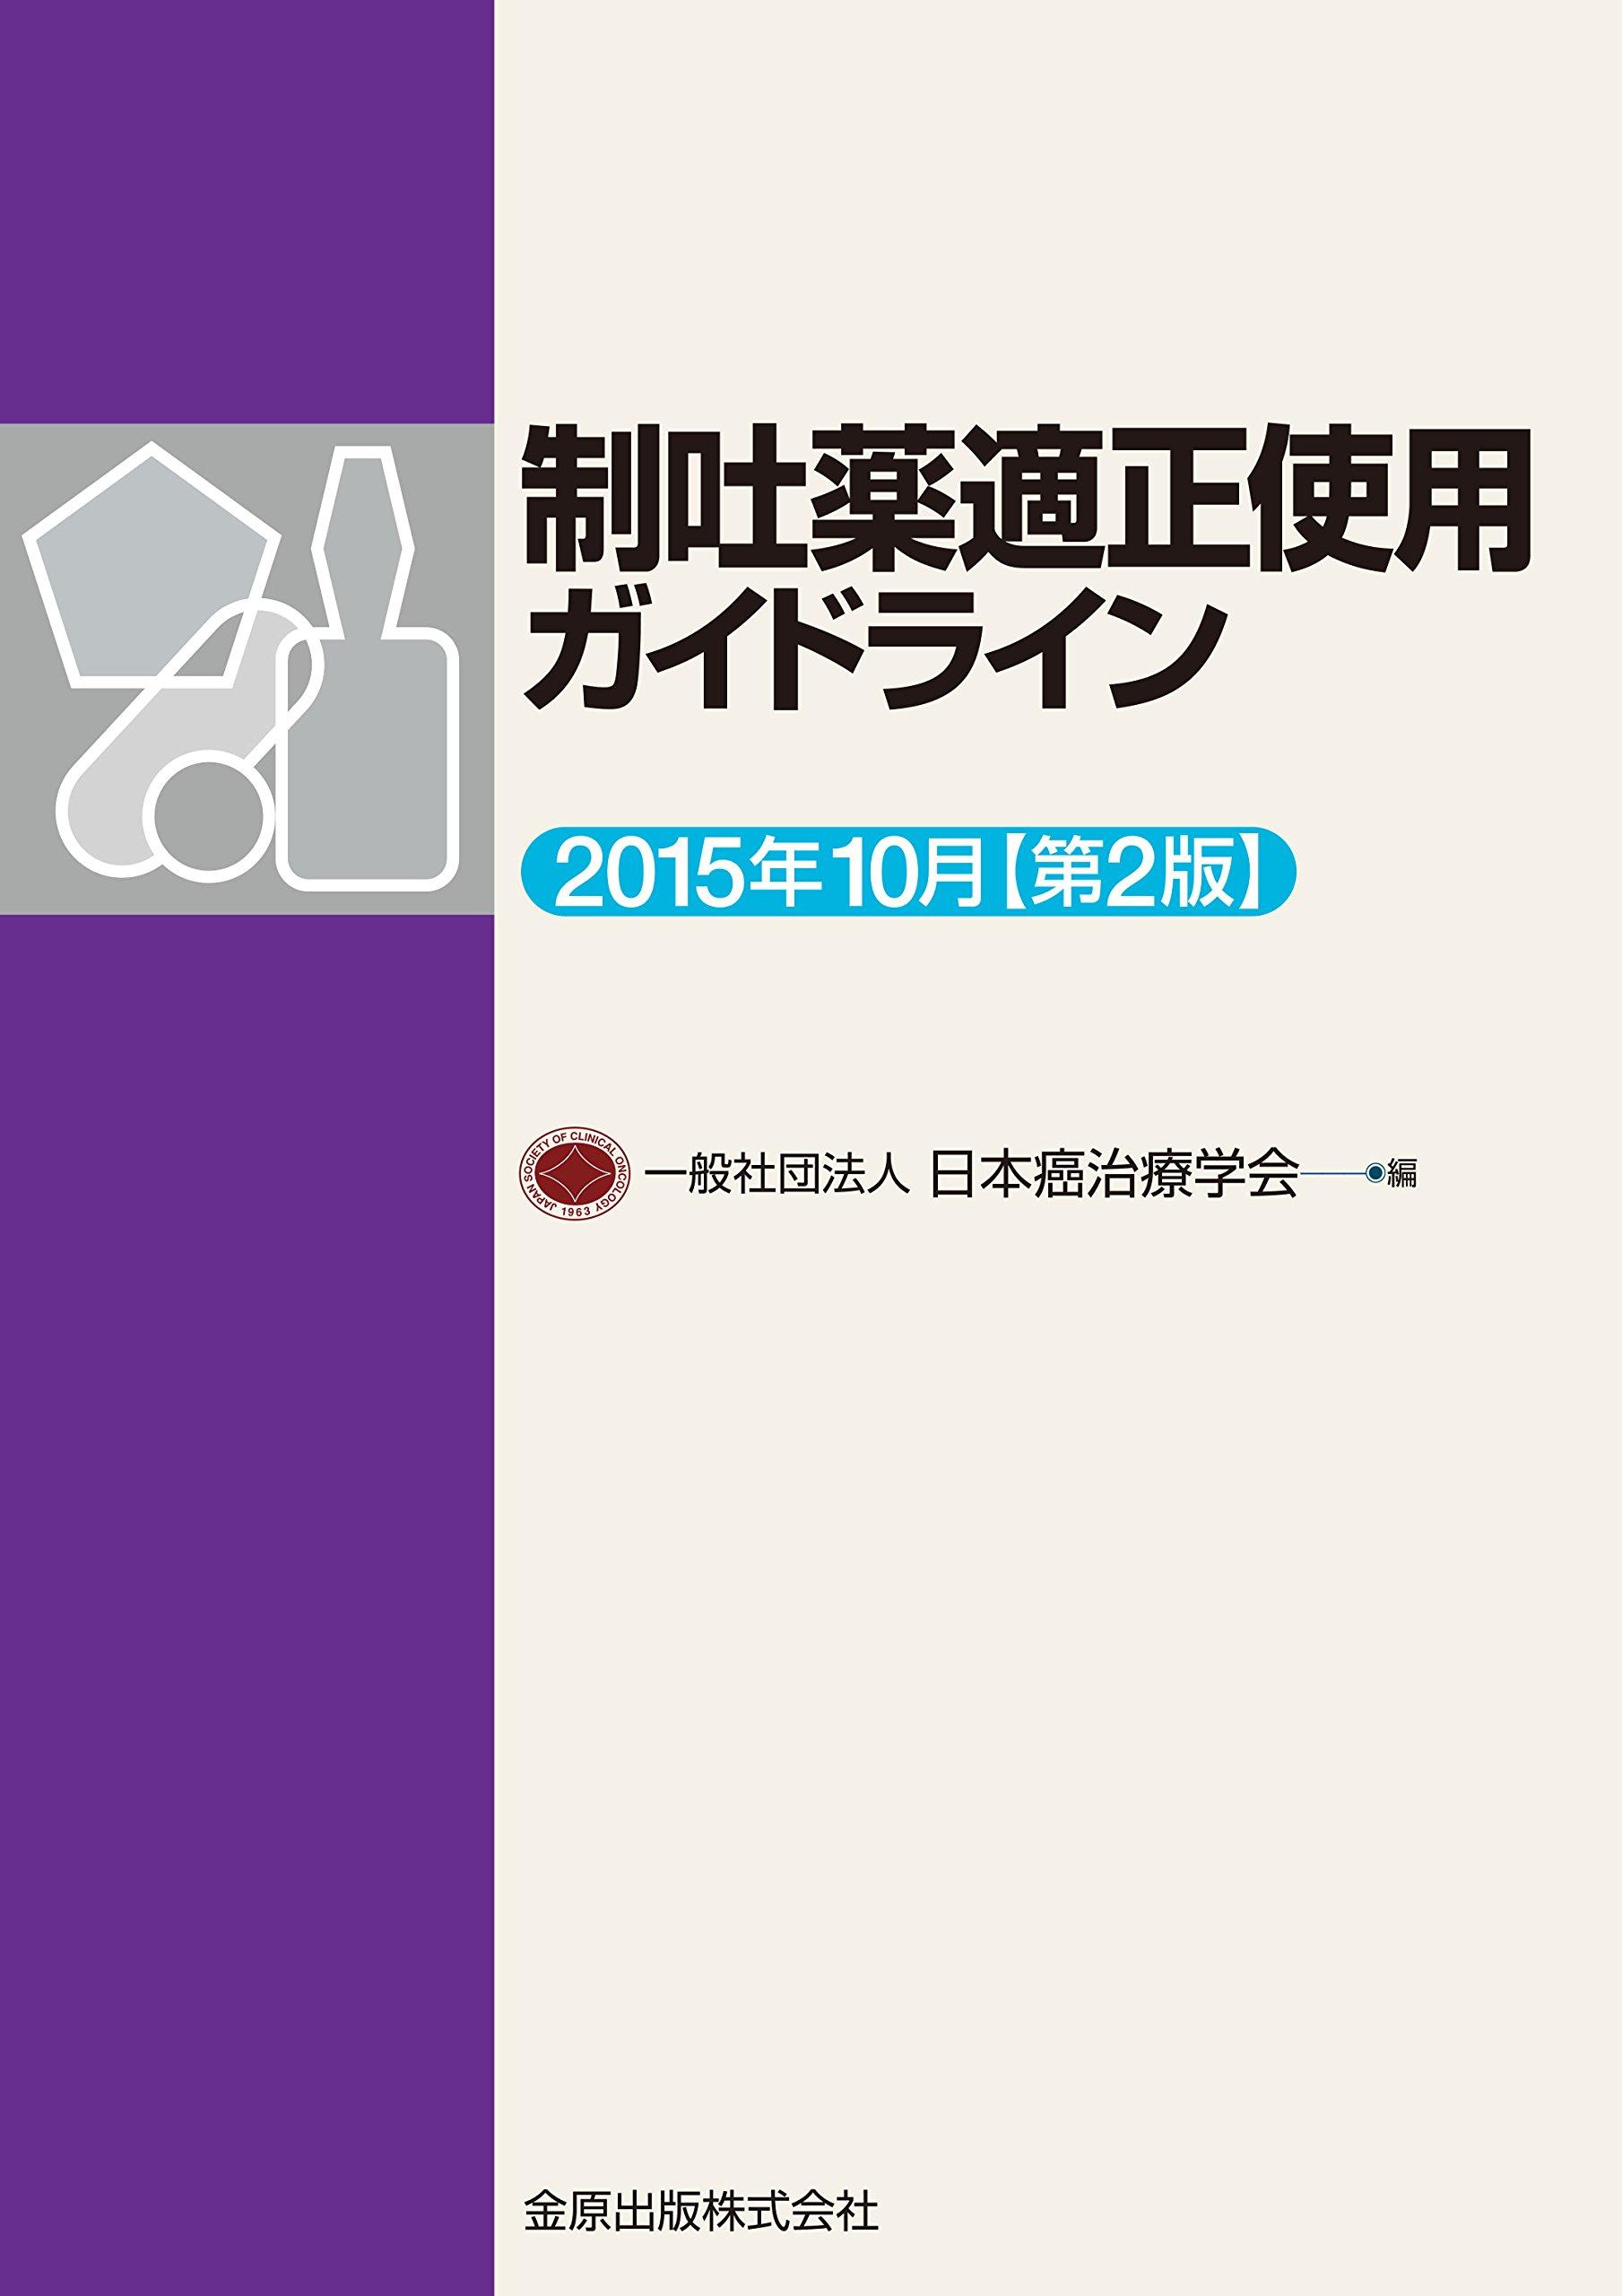 制吐薬適正使用ガイドライン 201...